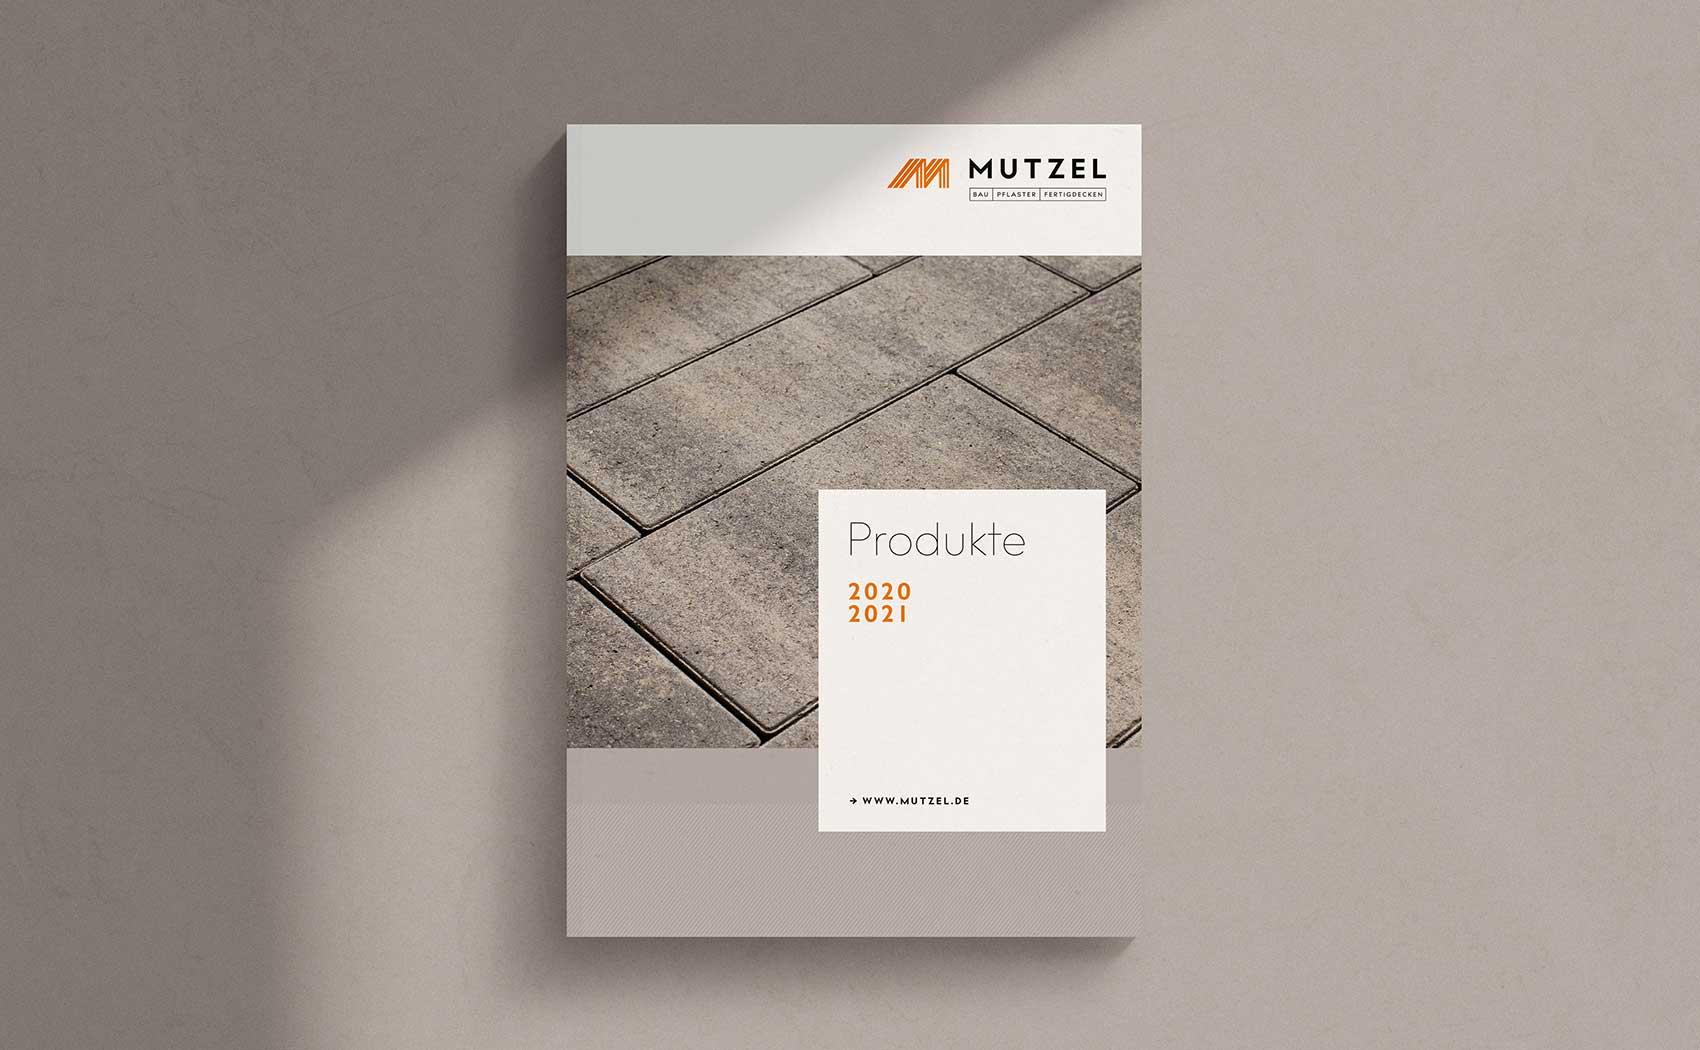 Katalogdesign für Produkte und Leistungen des Bauunternehmens Mutzel